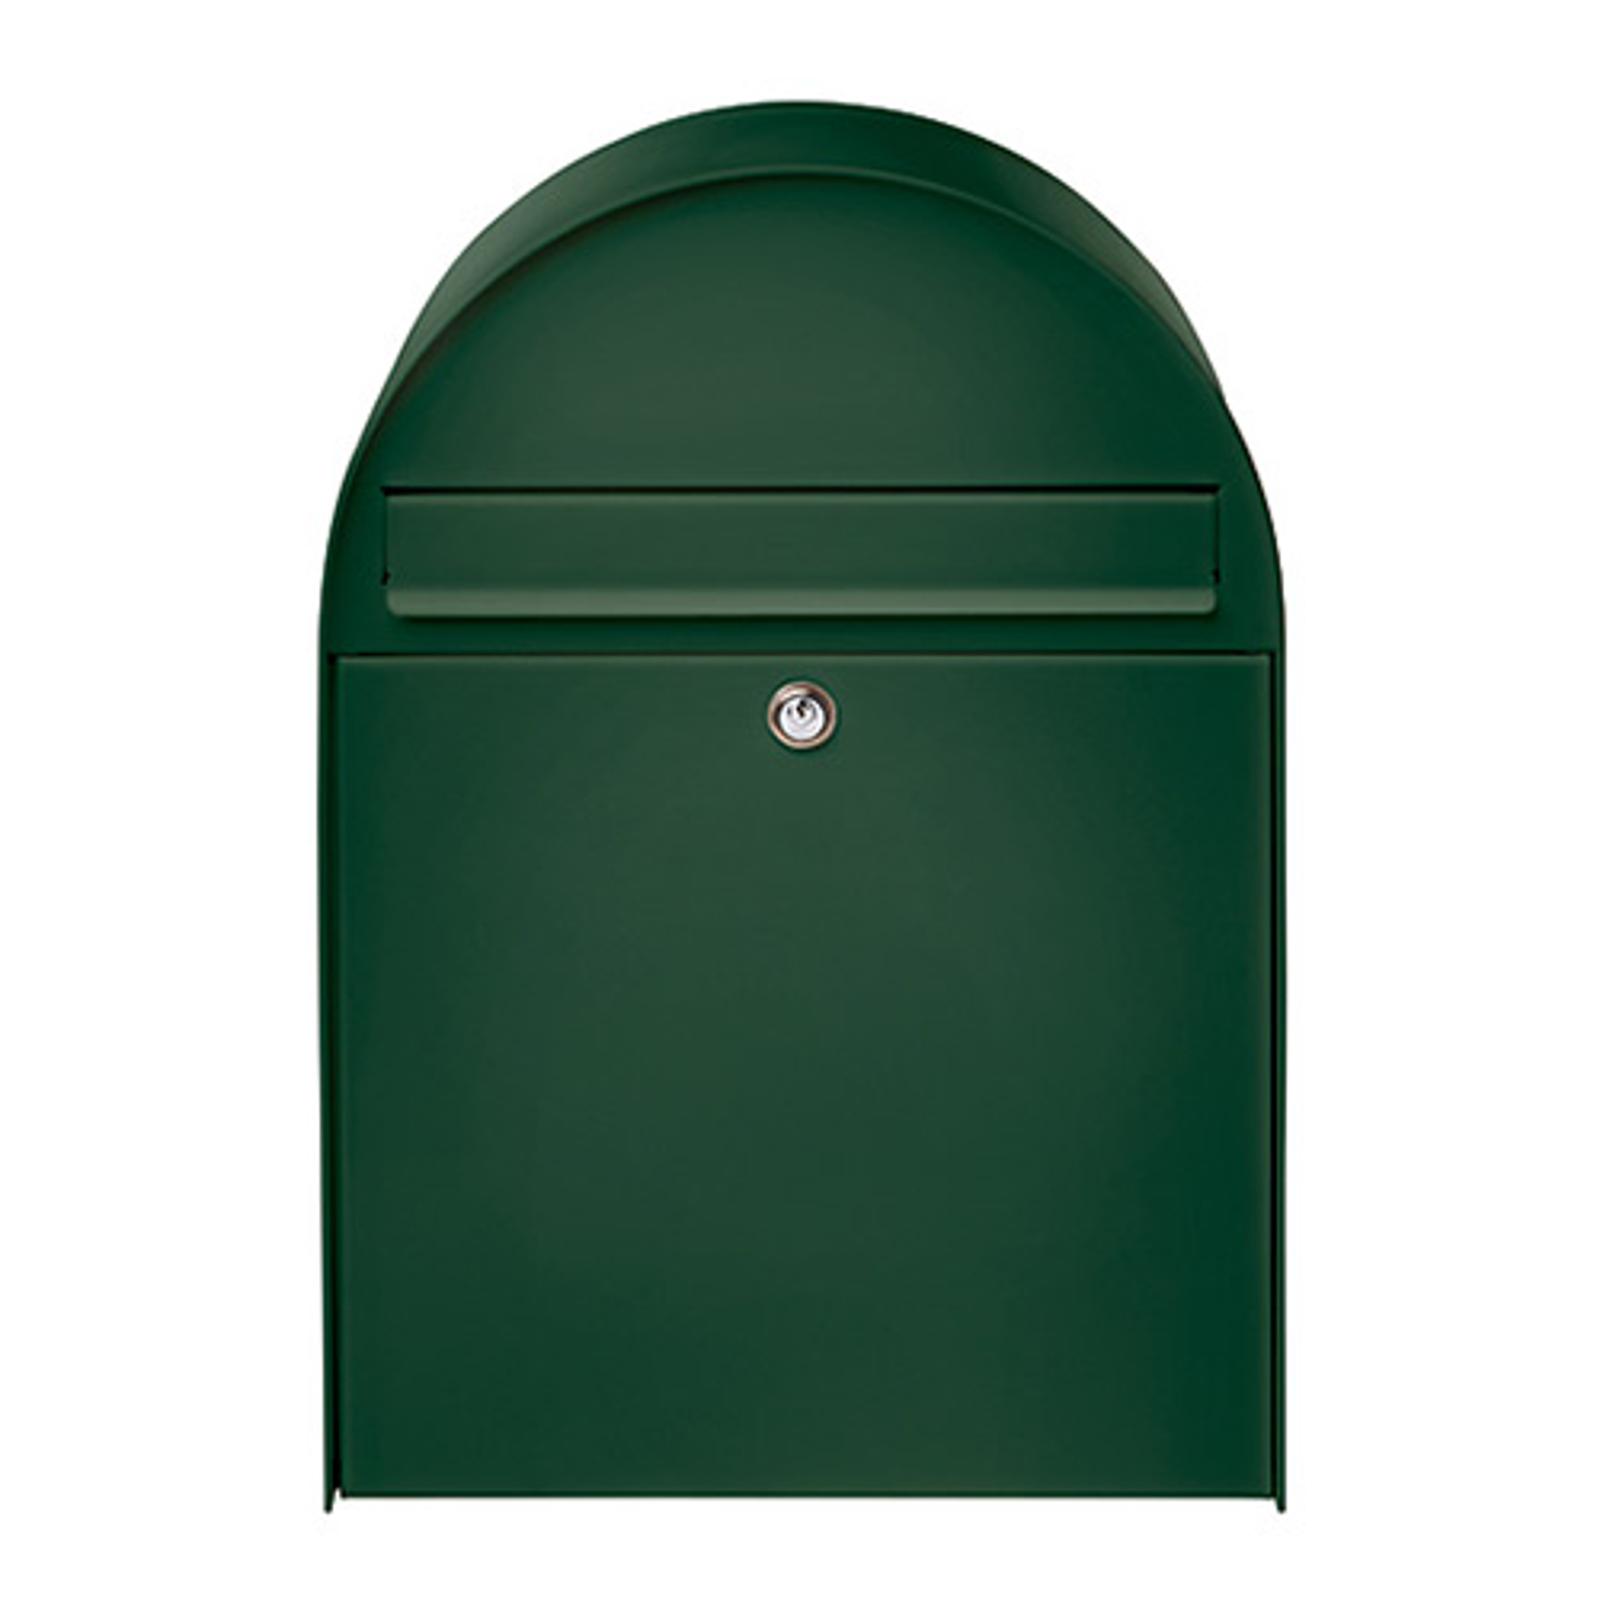 Nordic 780 - stor postkasse, grønn